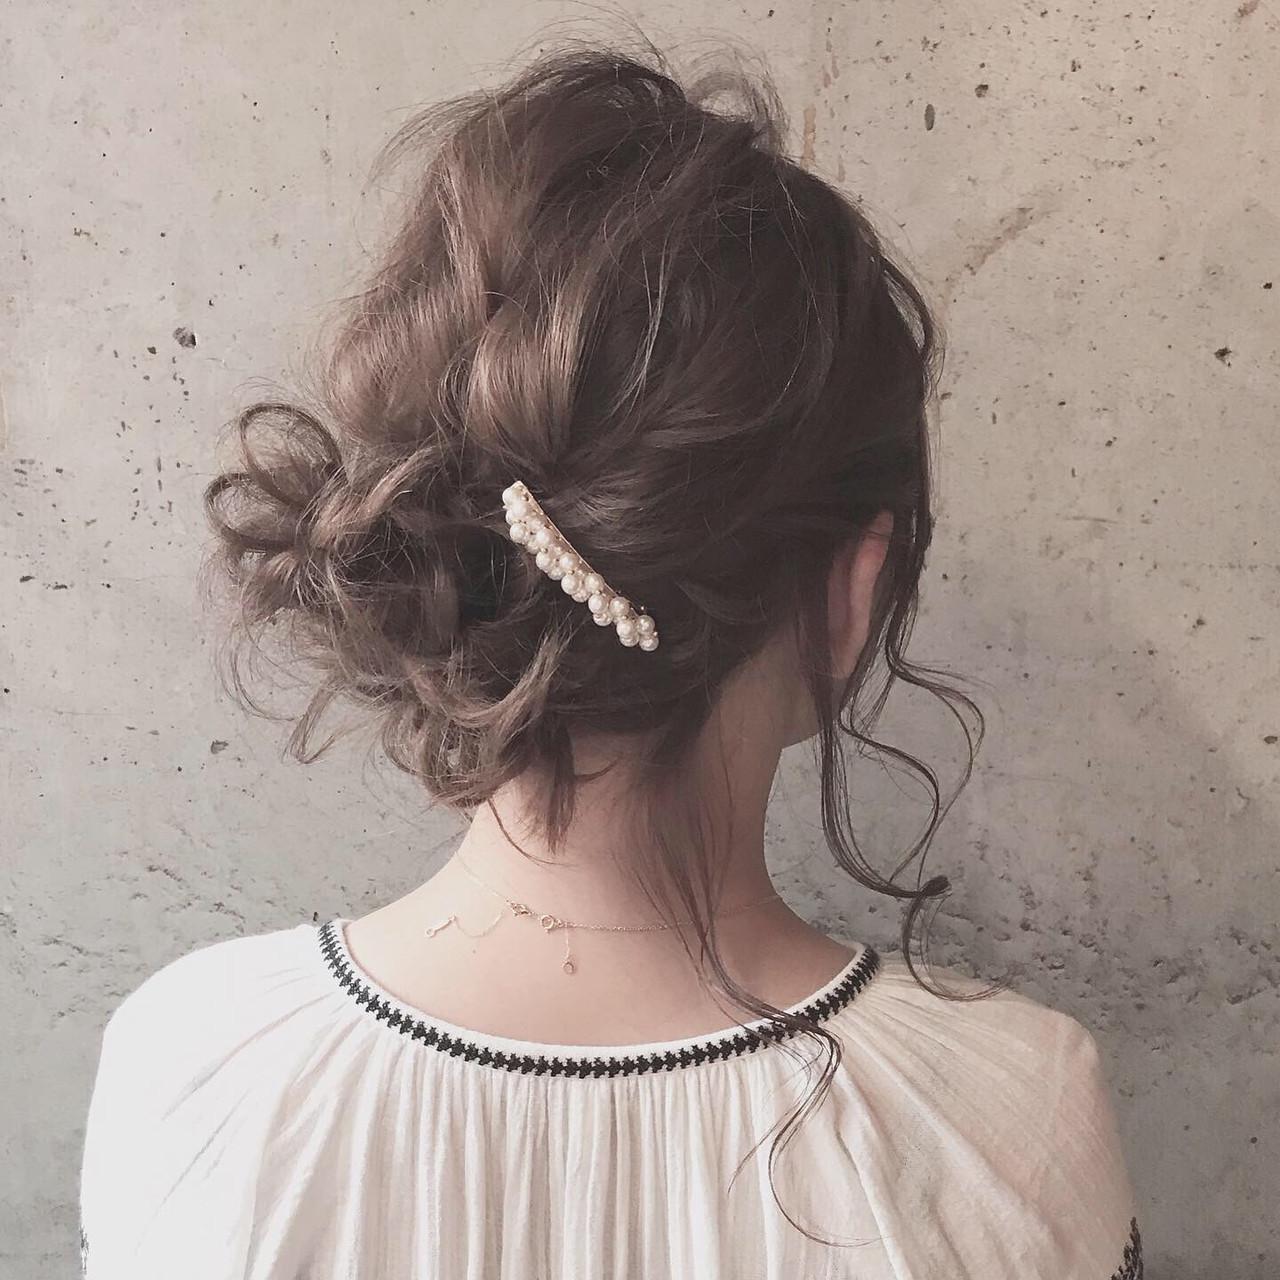 ふわふわヘアアレンジ ヘアアレンジ 結婚式ヘアアレンジ ミディアム ヘアスタイルや髪型の写真・画像